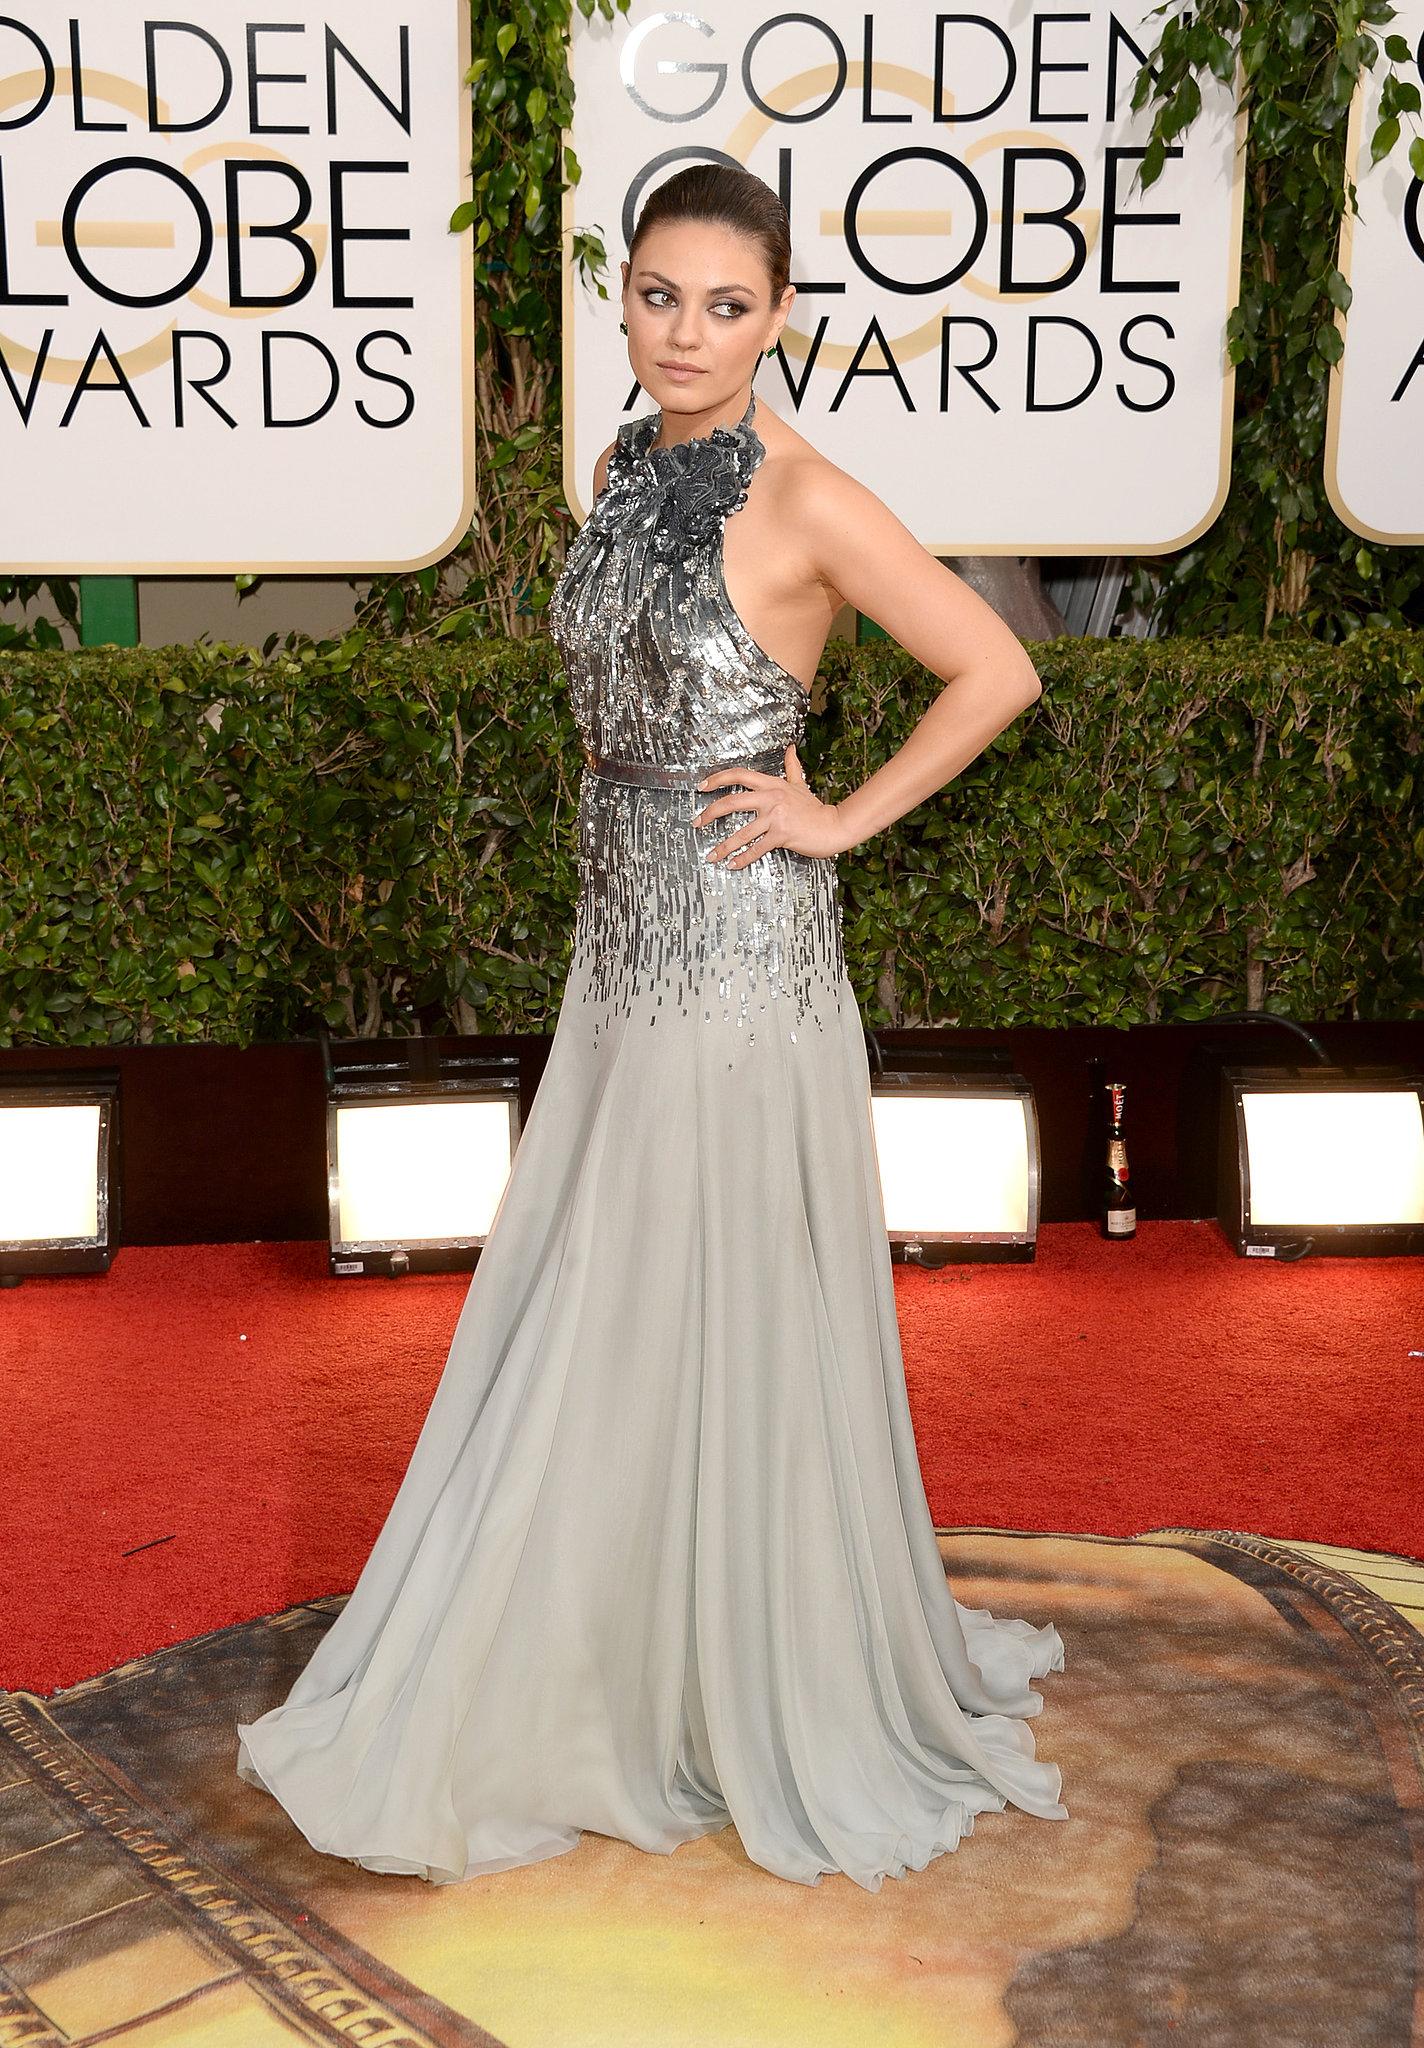 Mila Kunis showed up for her presenting gig at the Golden Globes.